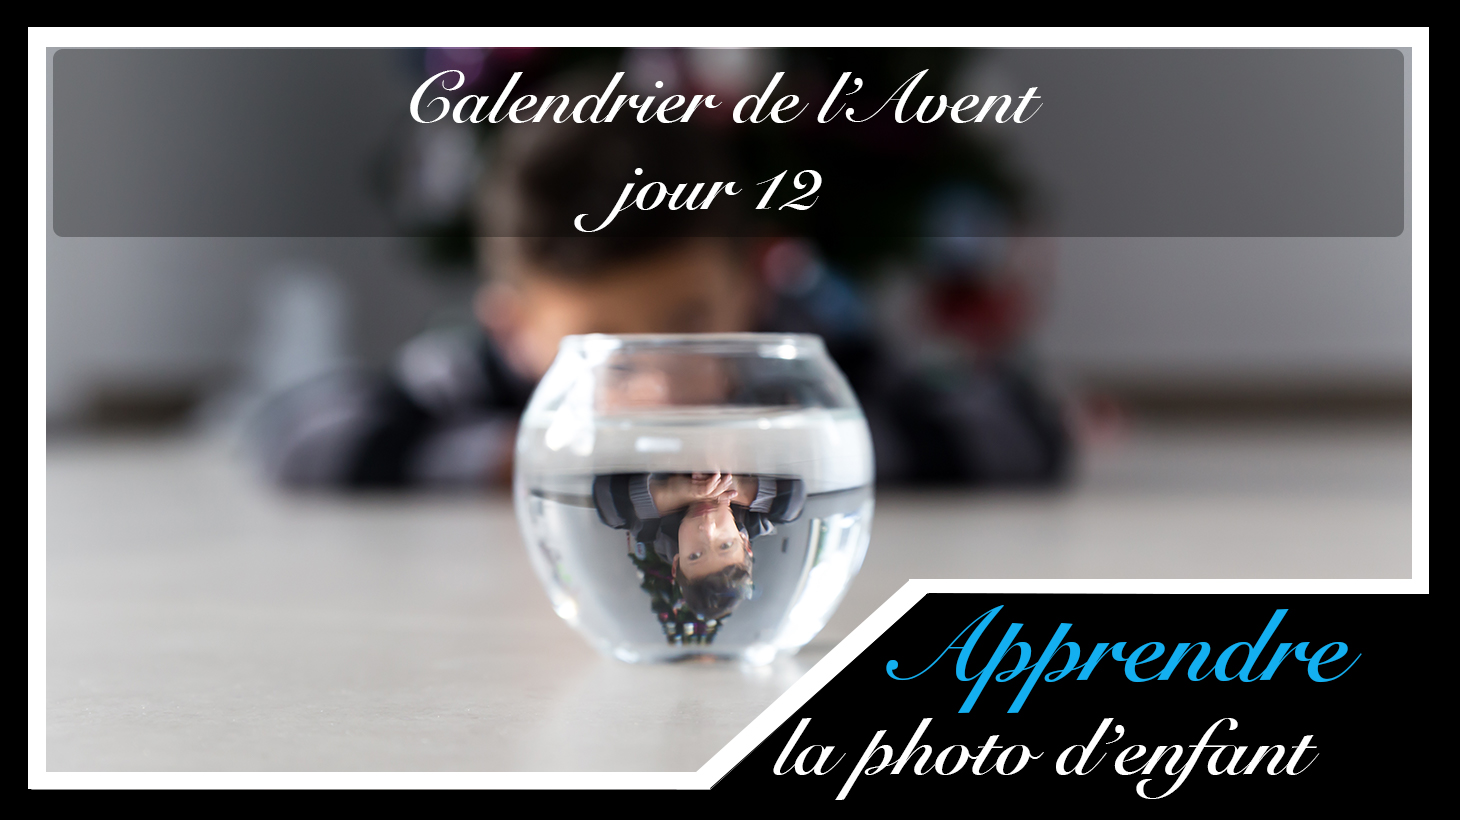 Jour 12 – Calendrier de l'Avent spécial Photo d'enfant